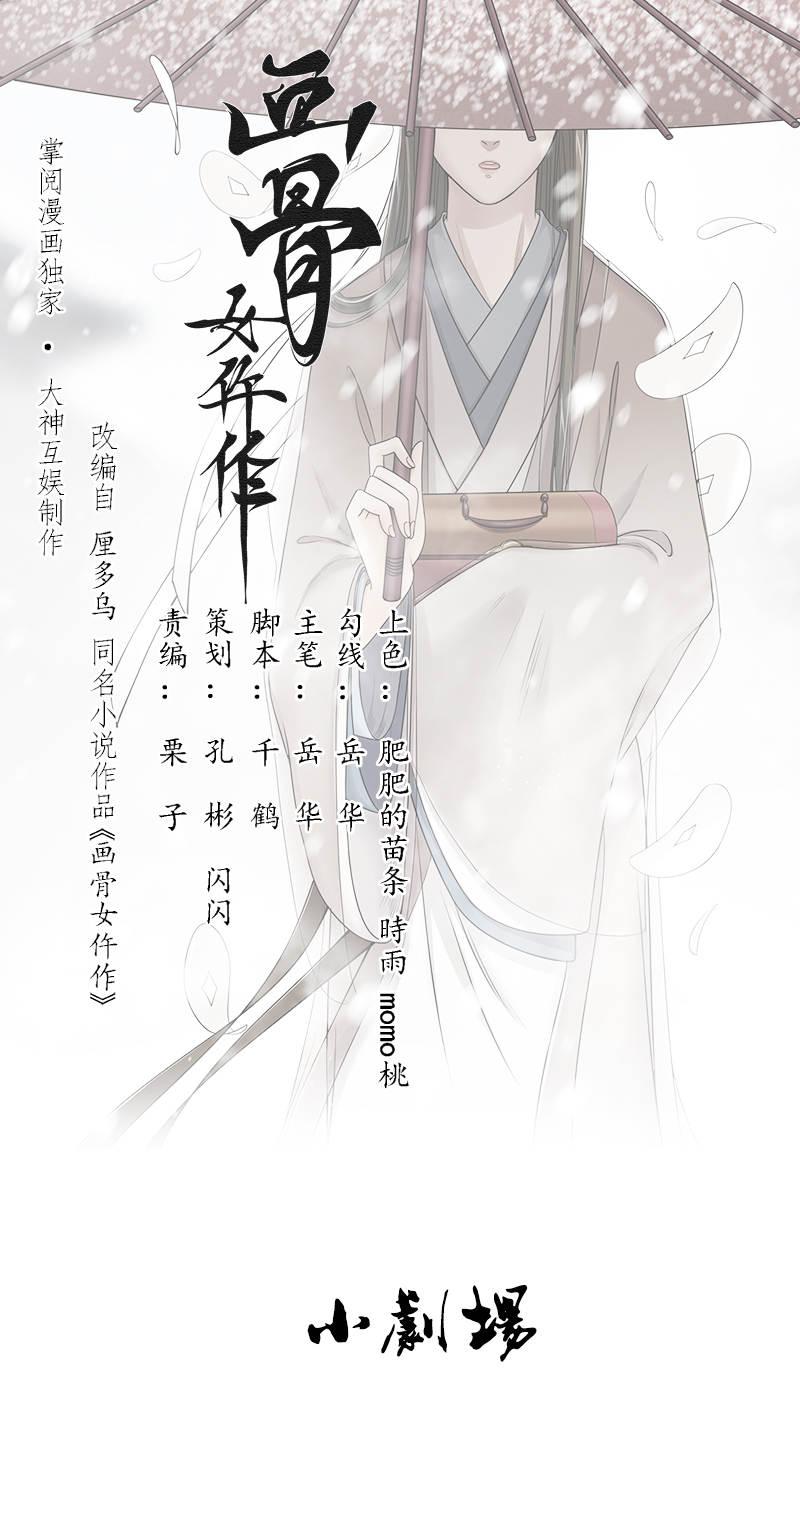 画骨女仵作第43话  小剧场 第 1